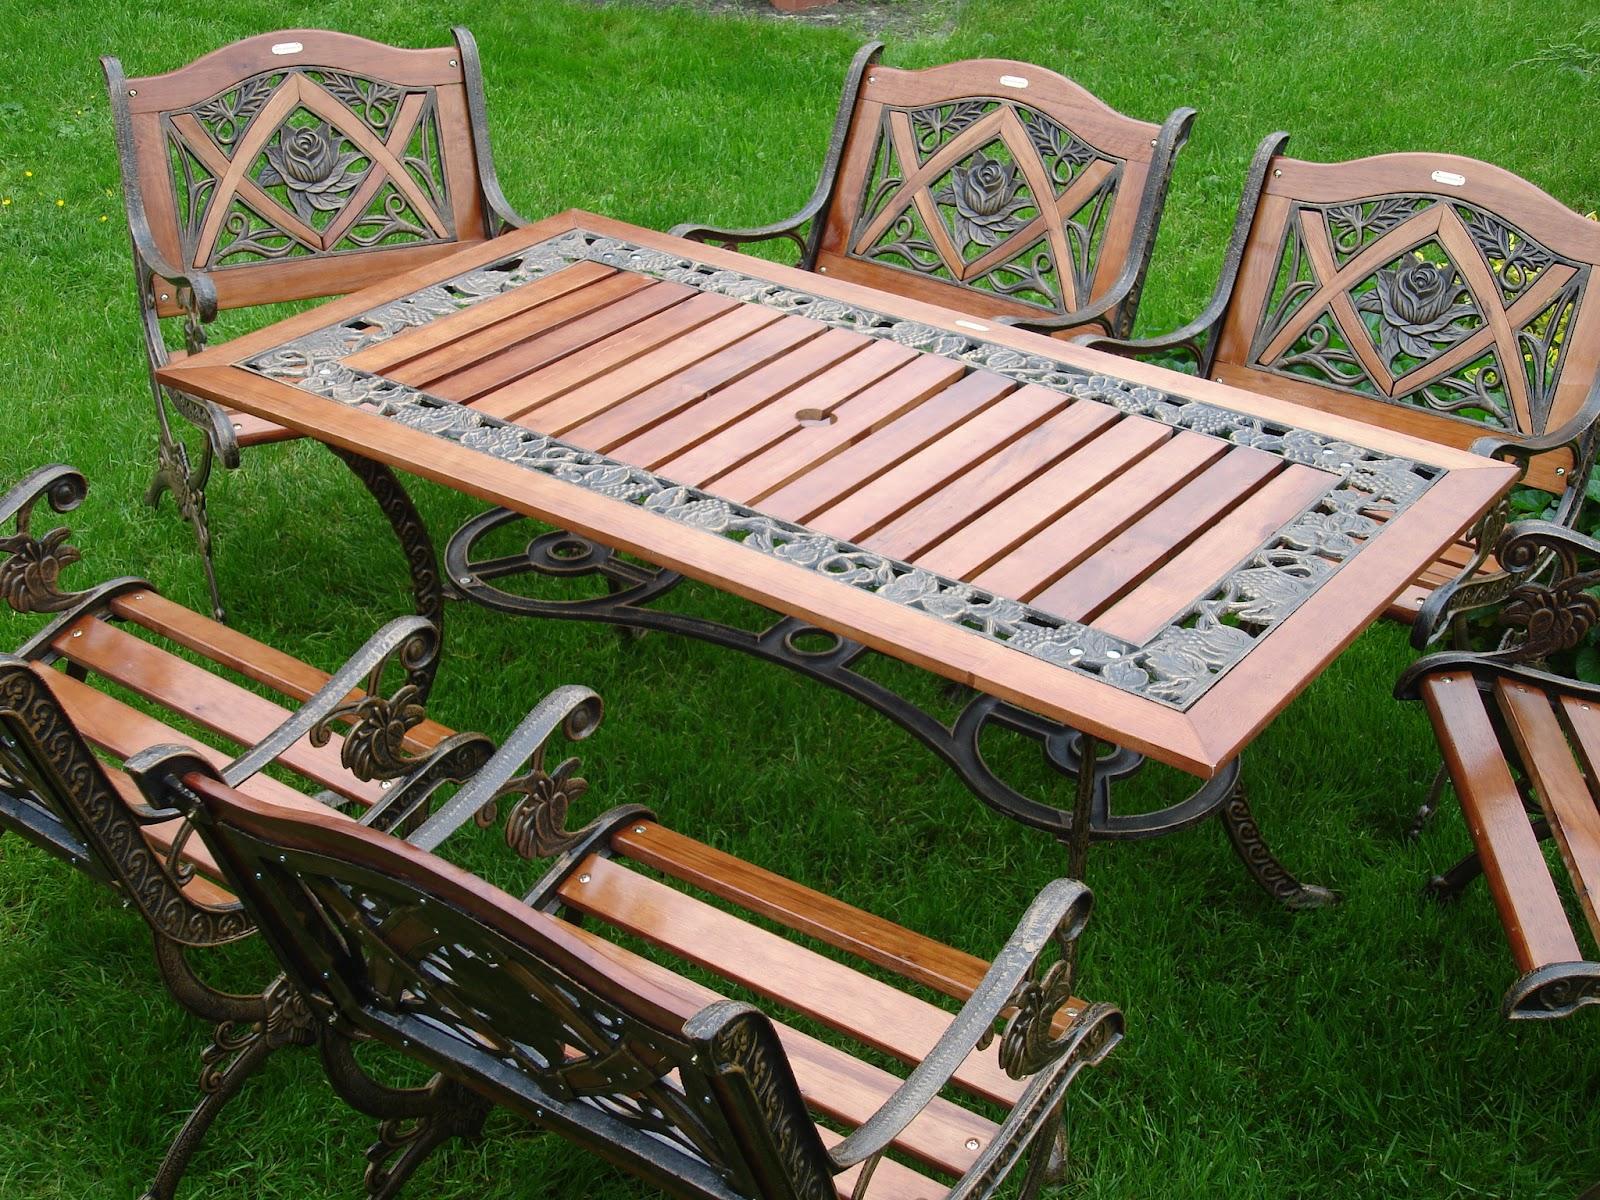 Producent Mebli Ogrodowych Drewnianych Lubuskie : ASOSPL  Dom i Ogród  MEBLE OGRODOWE MEBLE TARASOWE I BALKONOWE